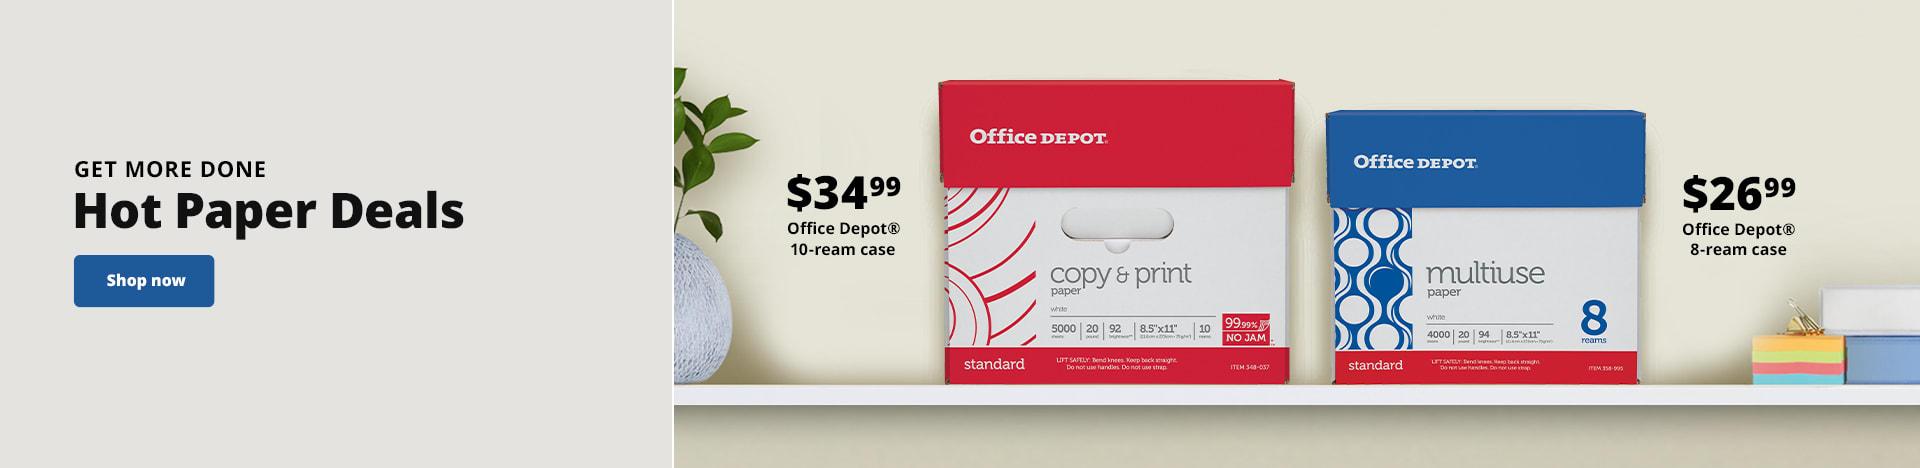 Get More Done. Hot Paper Deals